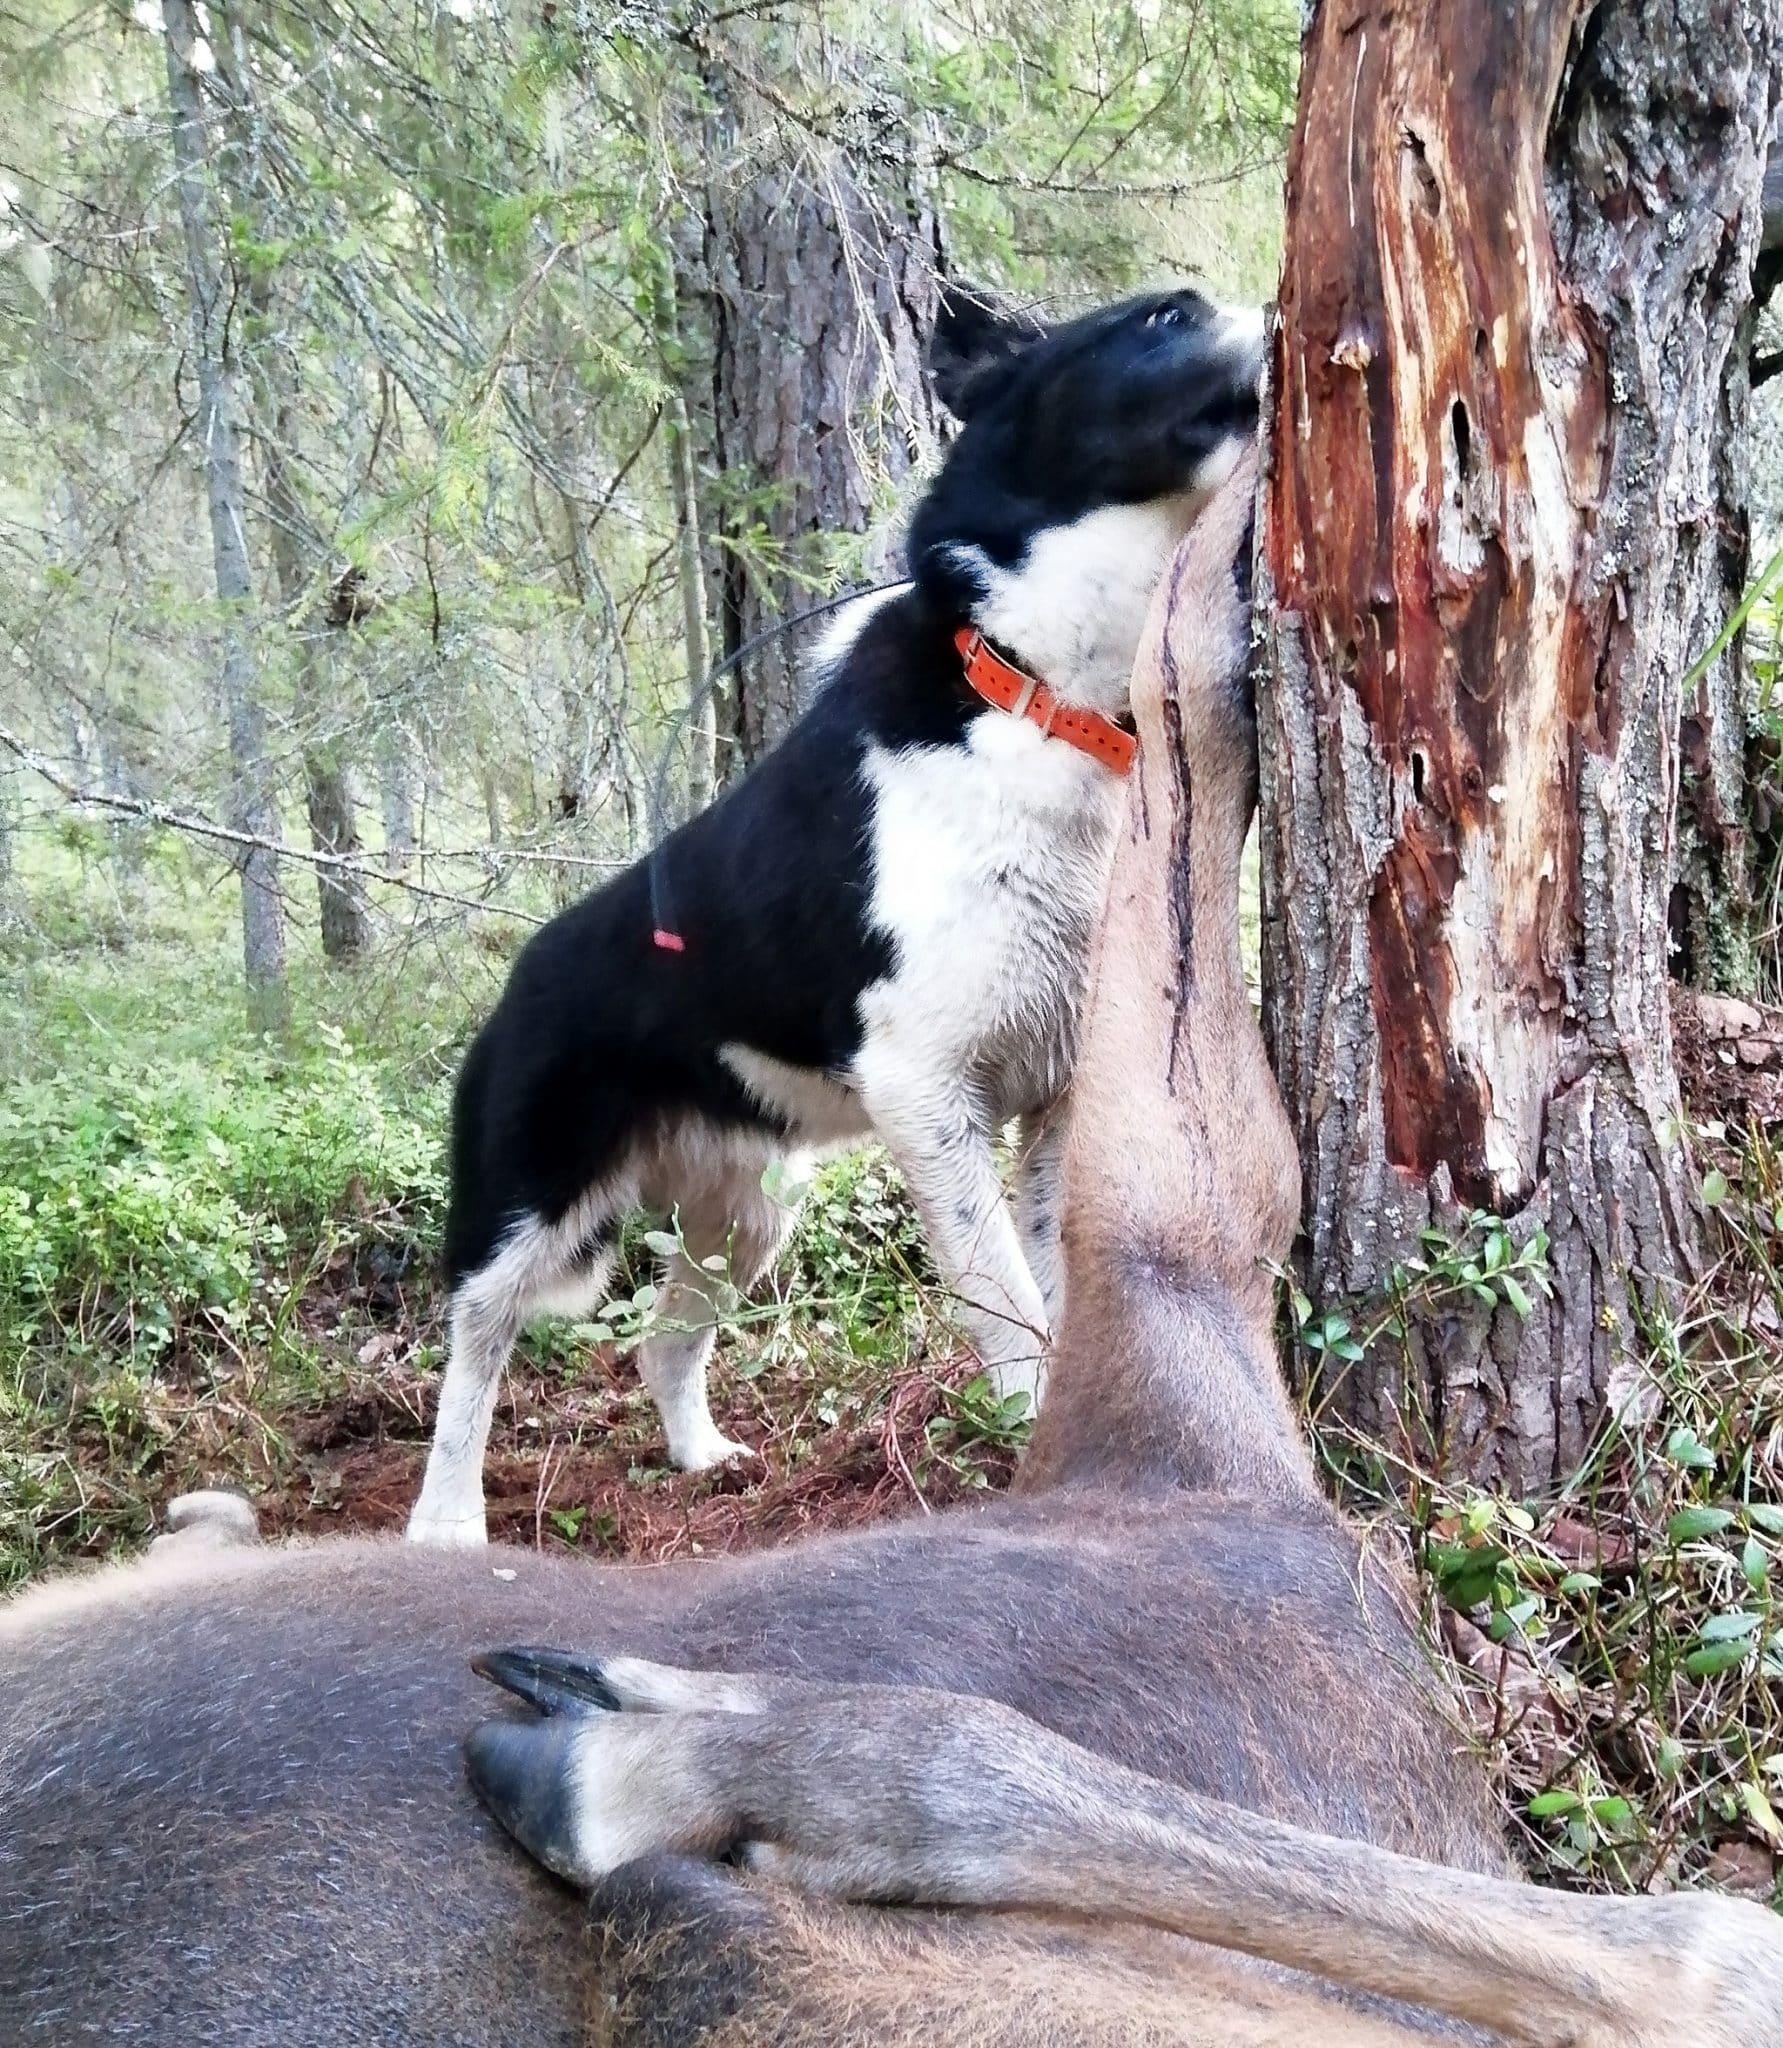 Det var den karelska björnhunden Kajza som hittade älgkalven, som enligt Björn Sundgren, inte varit död särskilt länge.